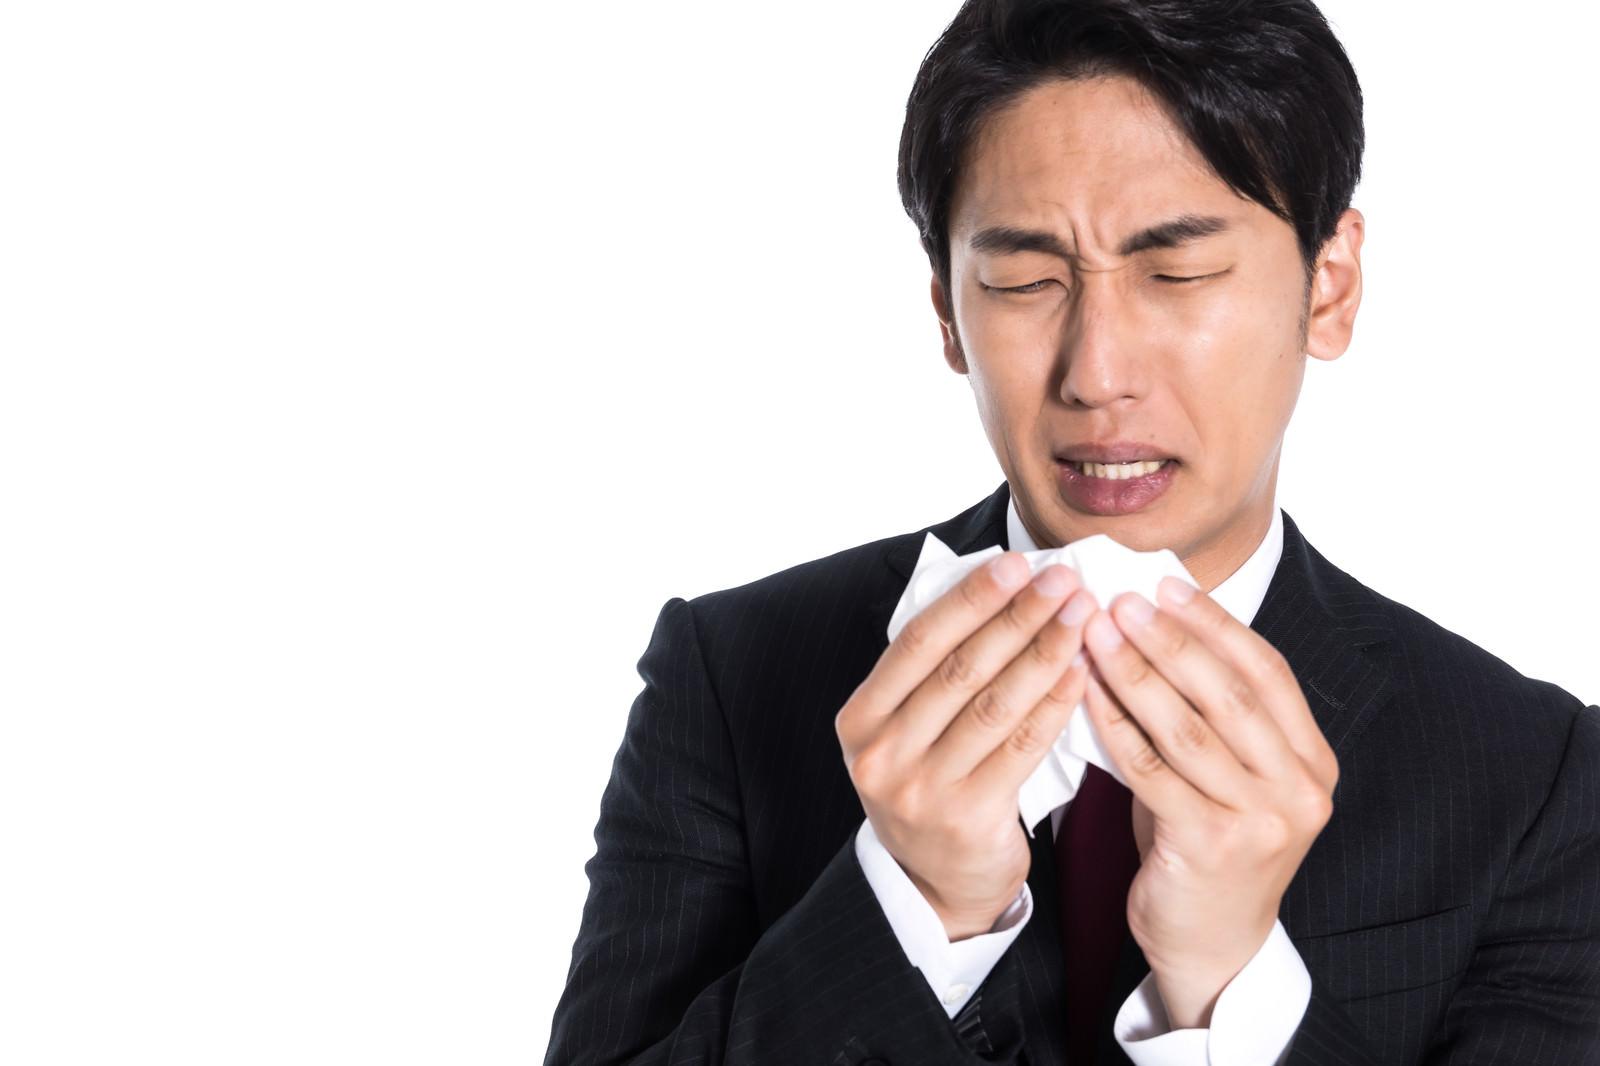 「ティッシュで鼻をかんだら確認する系」の写真[モデル:大川竜弥]